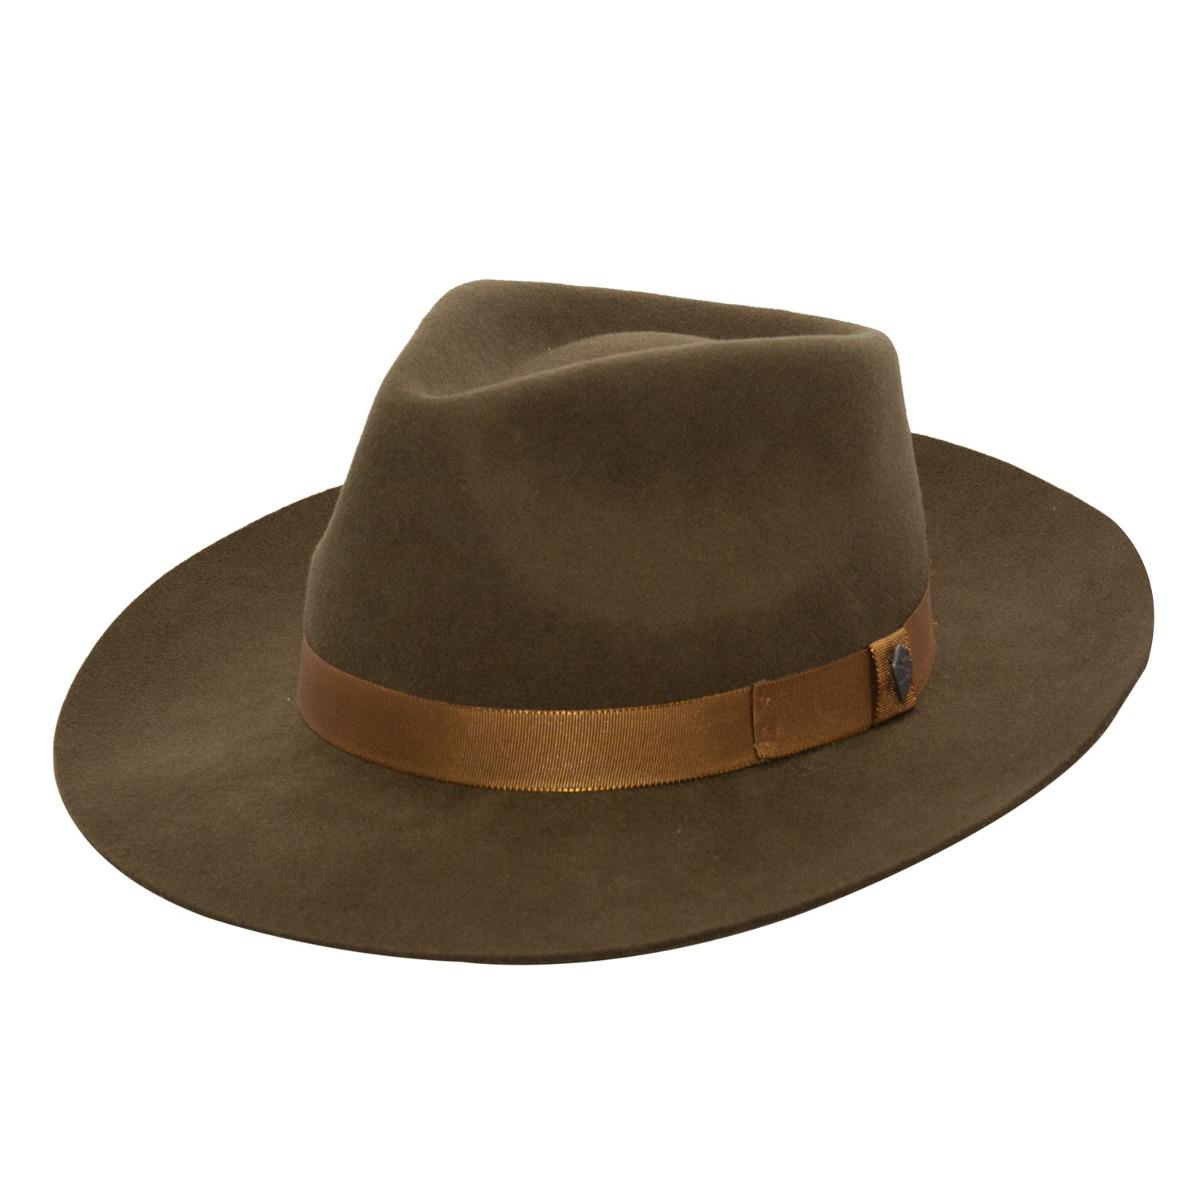 chapéu masculino feltro tabaco aba 8 cm vários tamanhos. Carregando zoom. 50727ed7aff